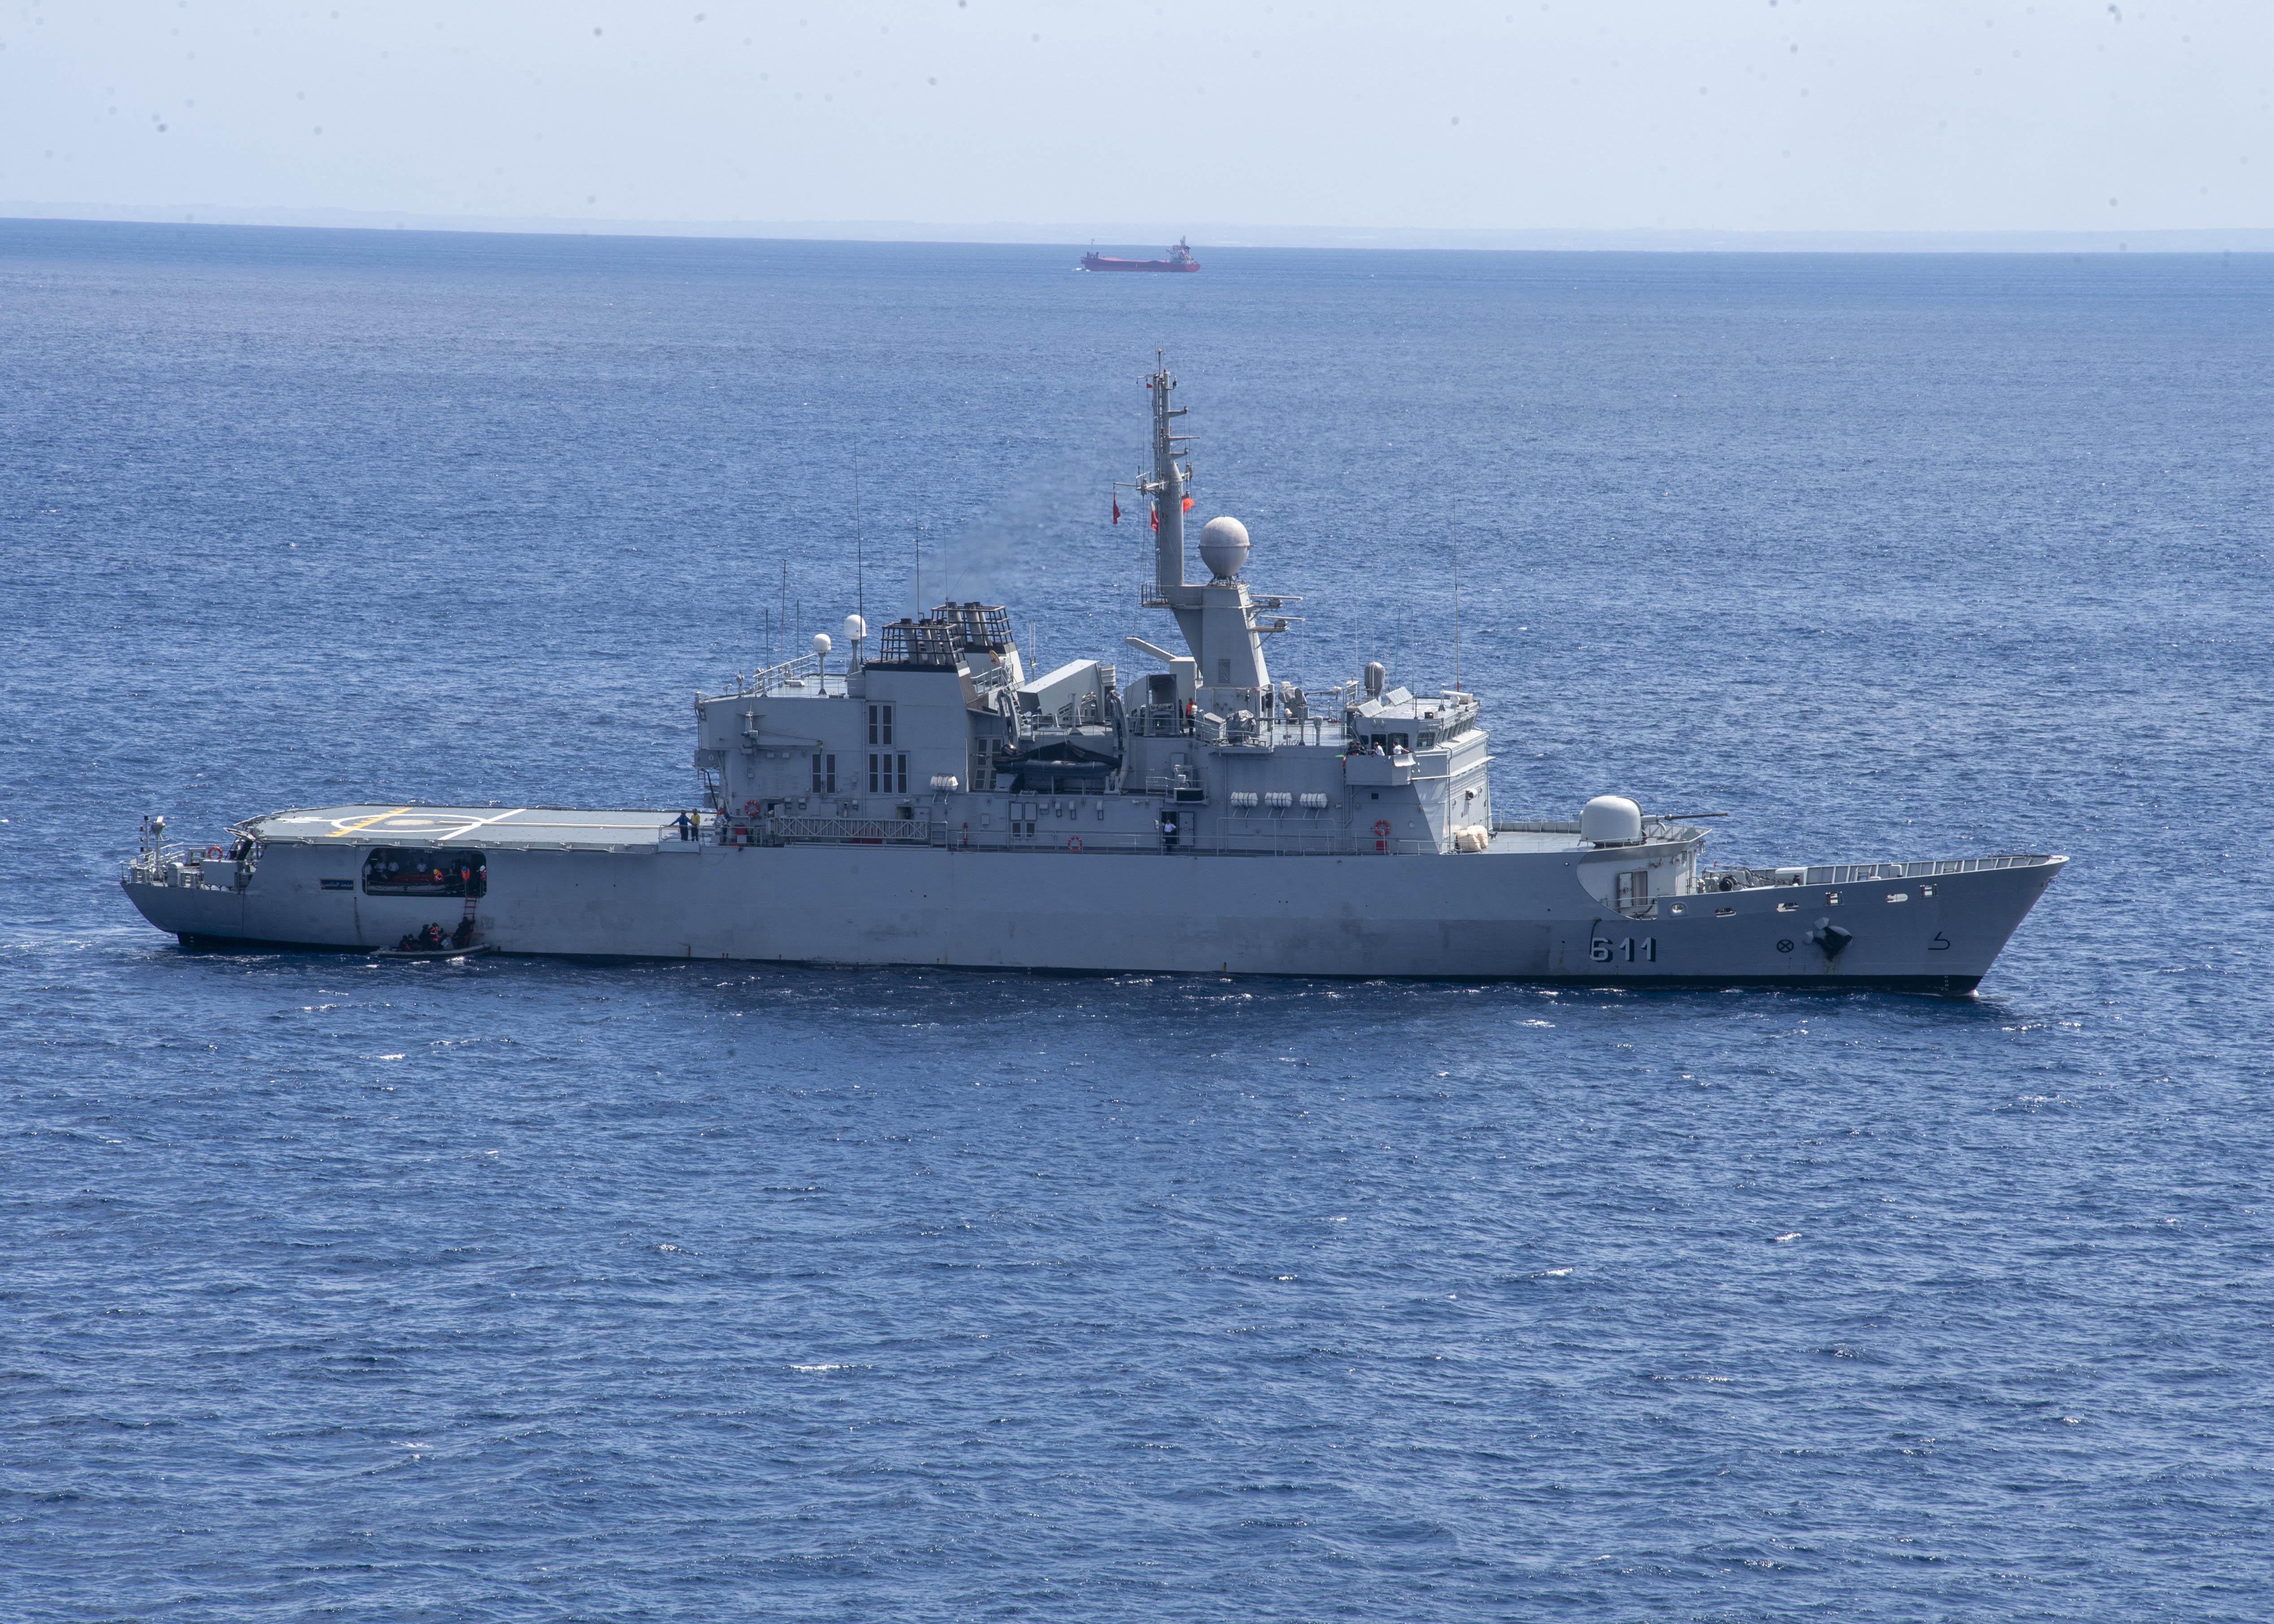 Royal Moroccan Navy Floréal Frigates / Frégates Floréal Marocaines - Page 15 50352076807_d251b64102_o